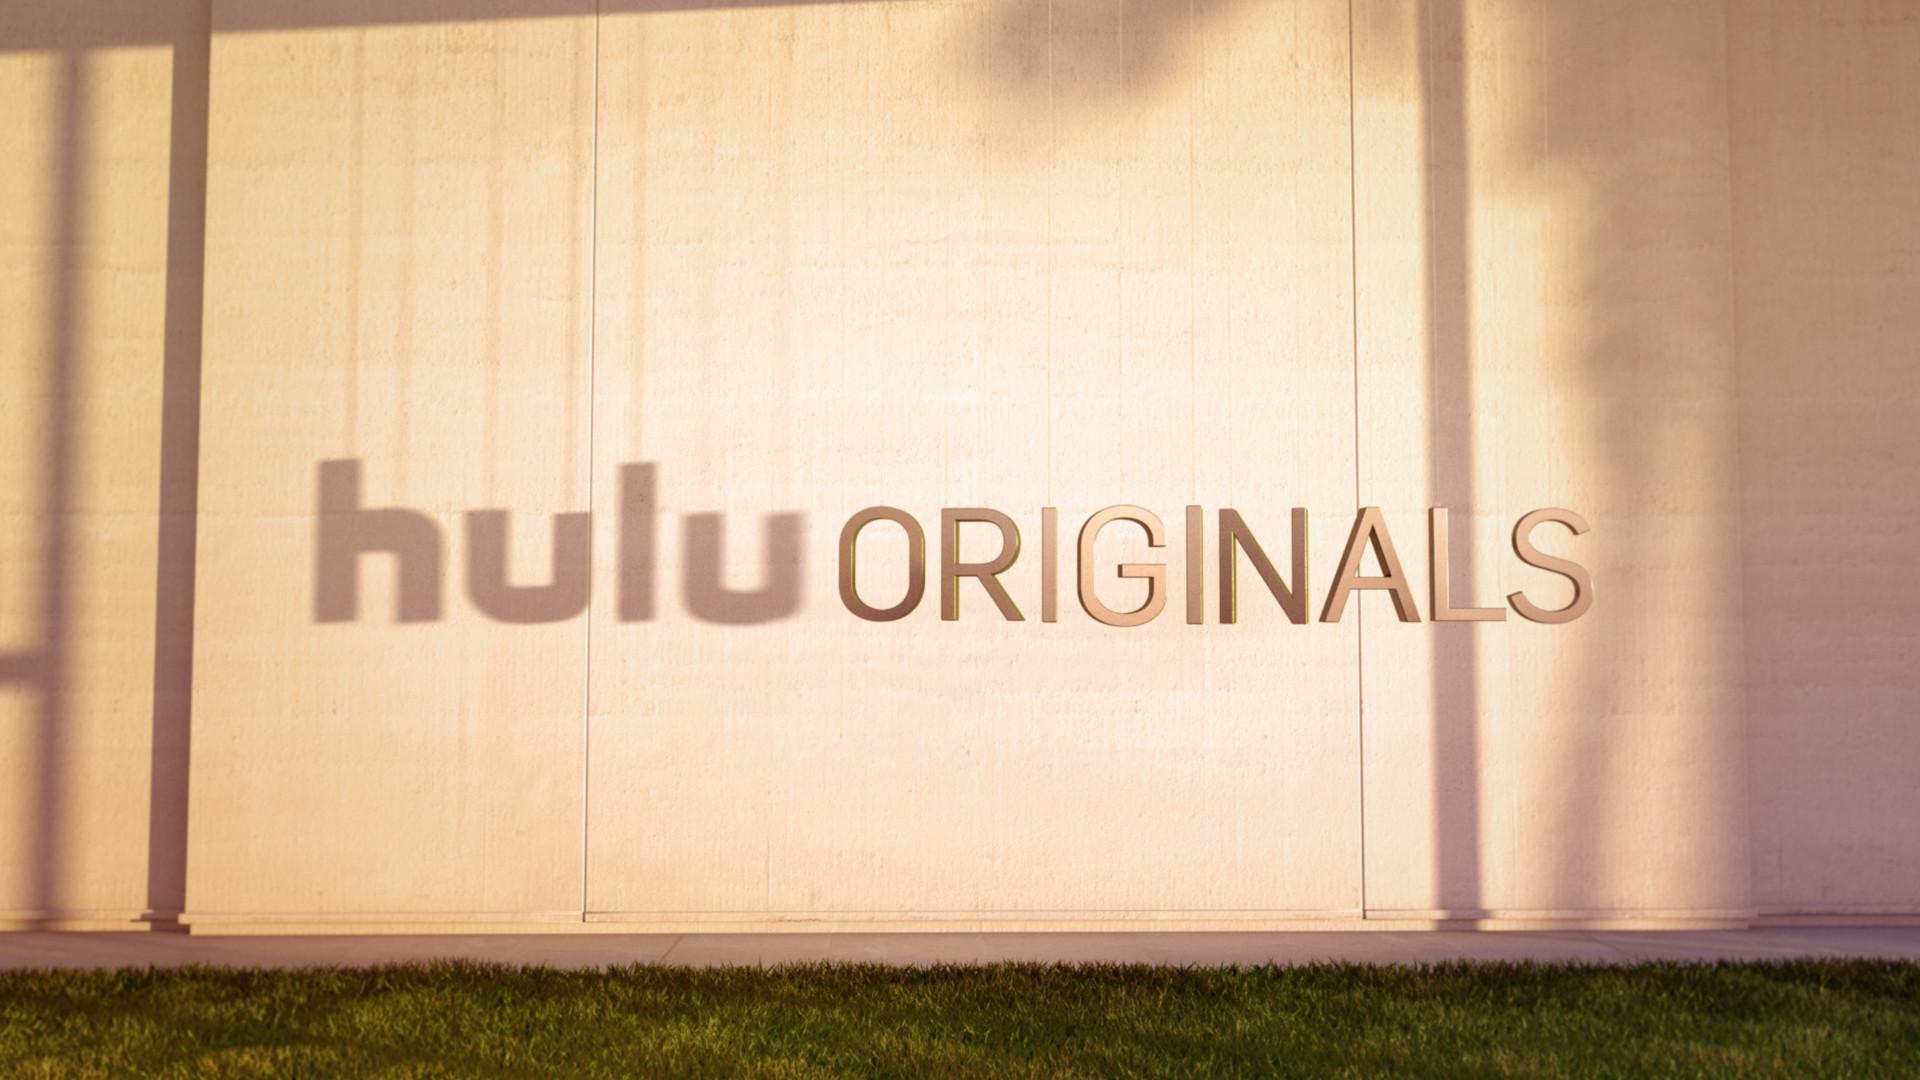 hulu_originals_01.jpg